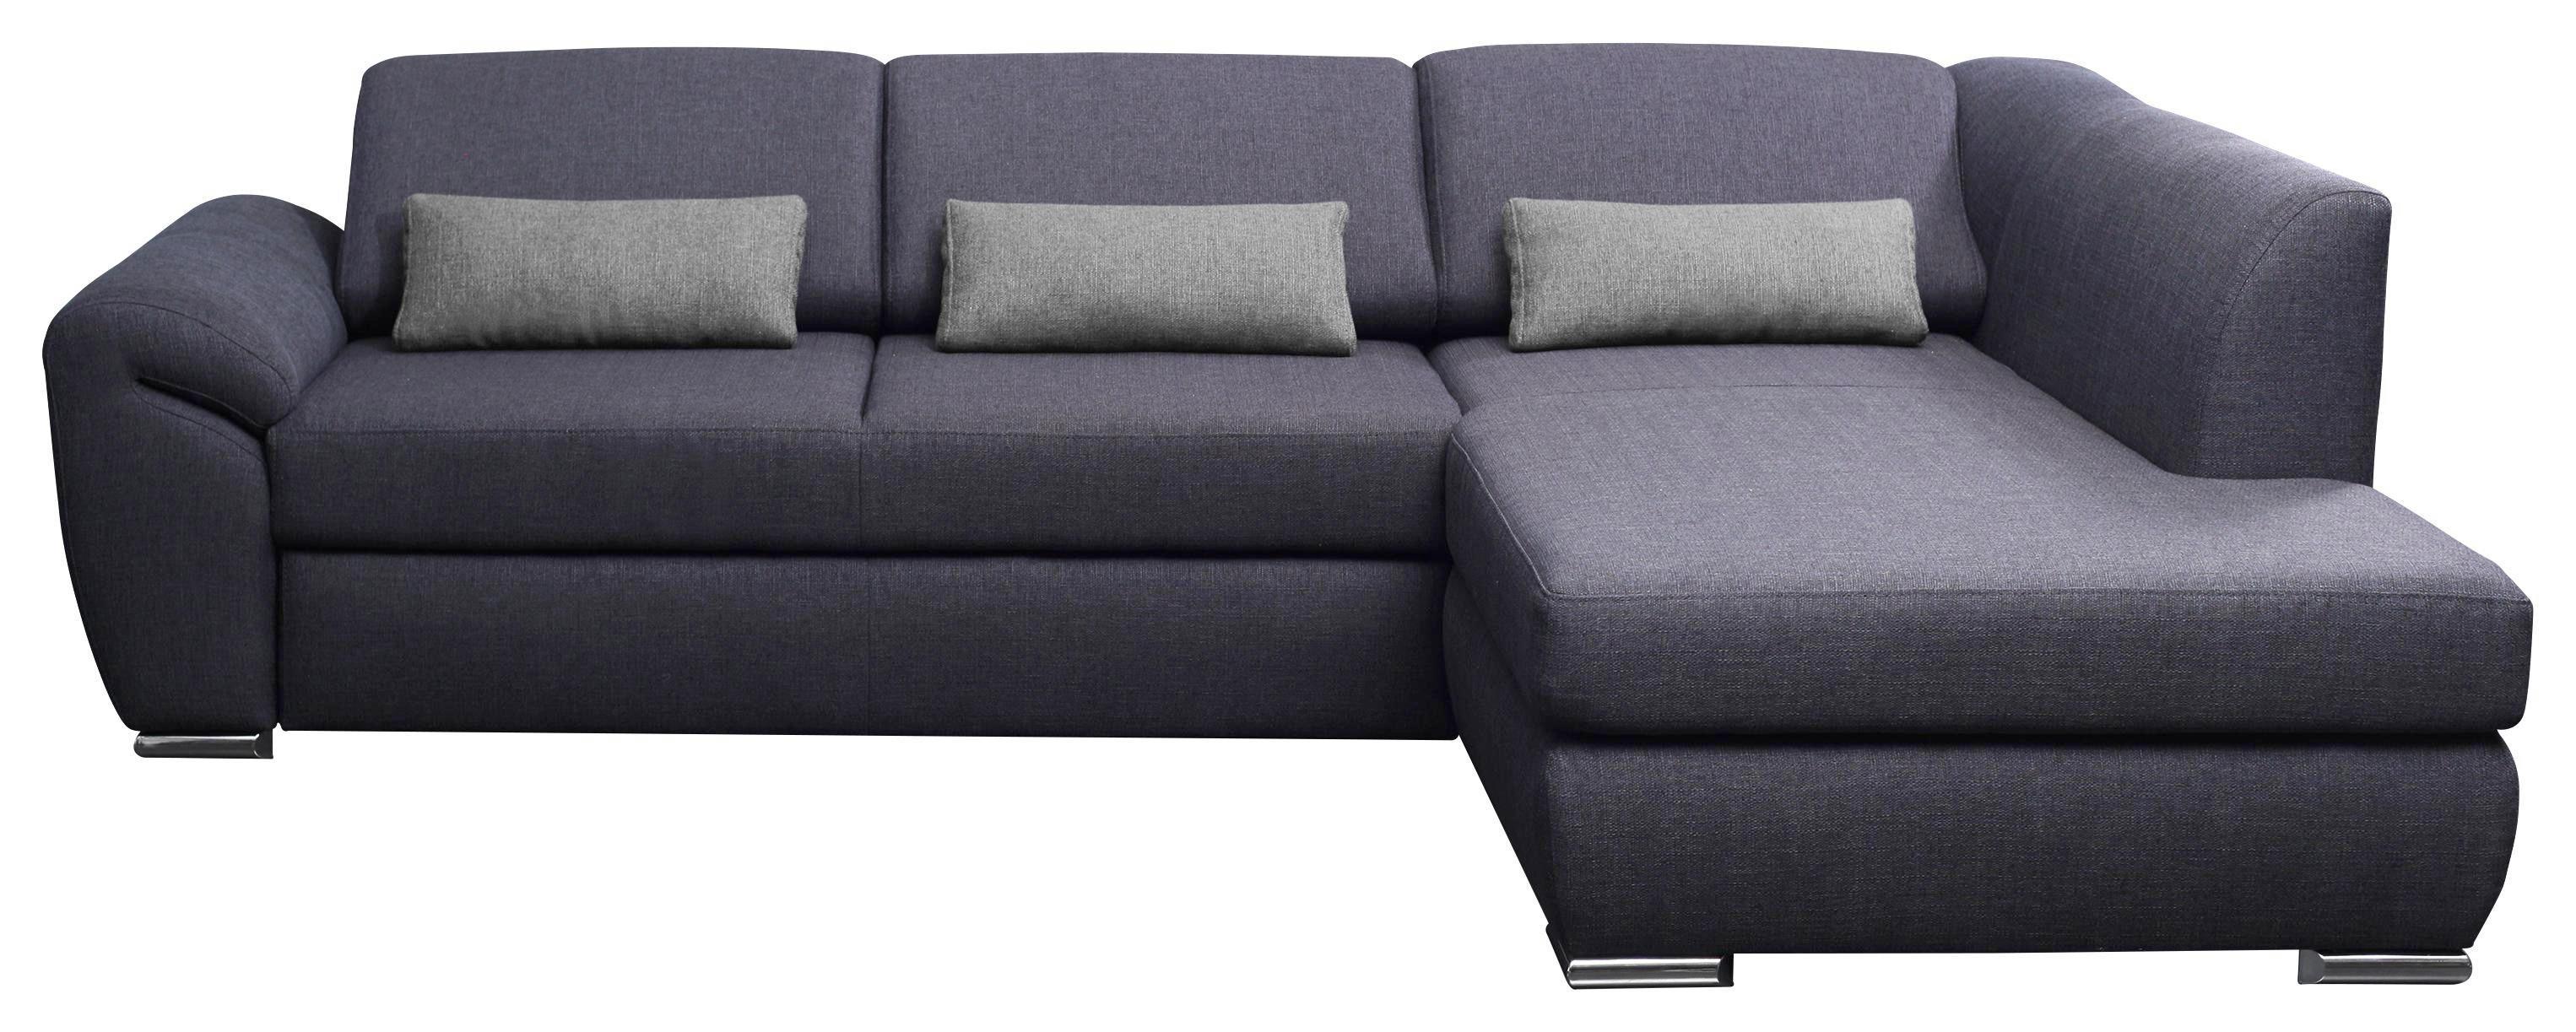 Sofa Mit Und Bettkasten Xxl Ecksofa Mit Big Sofa Und Bettkasten